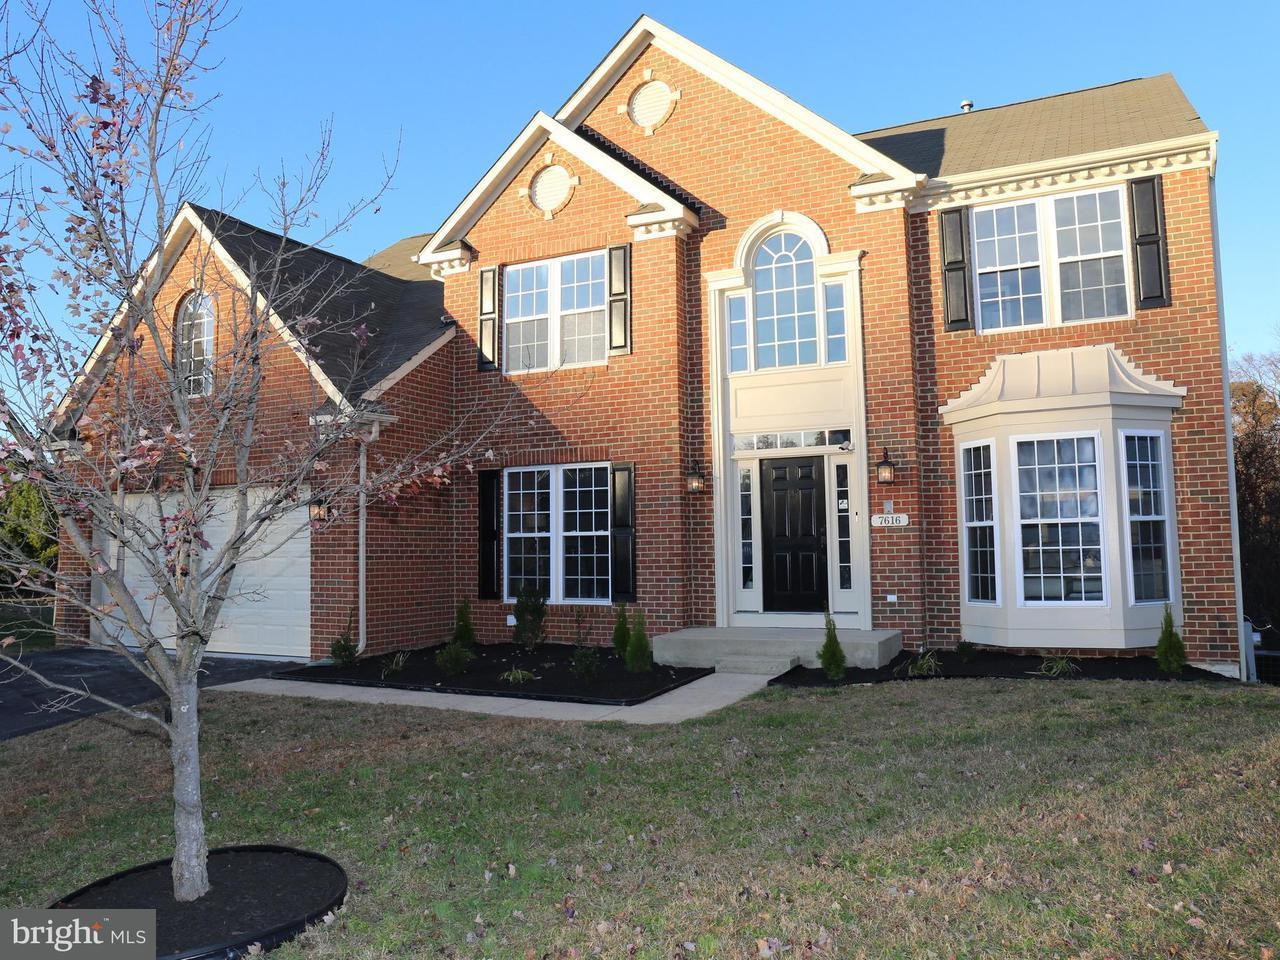 Частный односемейный дом для того Продажа на 7616 FOXTRAIL Court 7616 FOXTRAIL Court Hanover, Мэриленд 21076 Соединенные Штаты